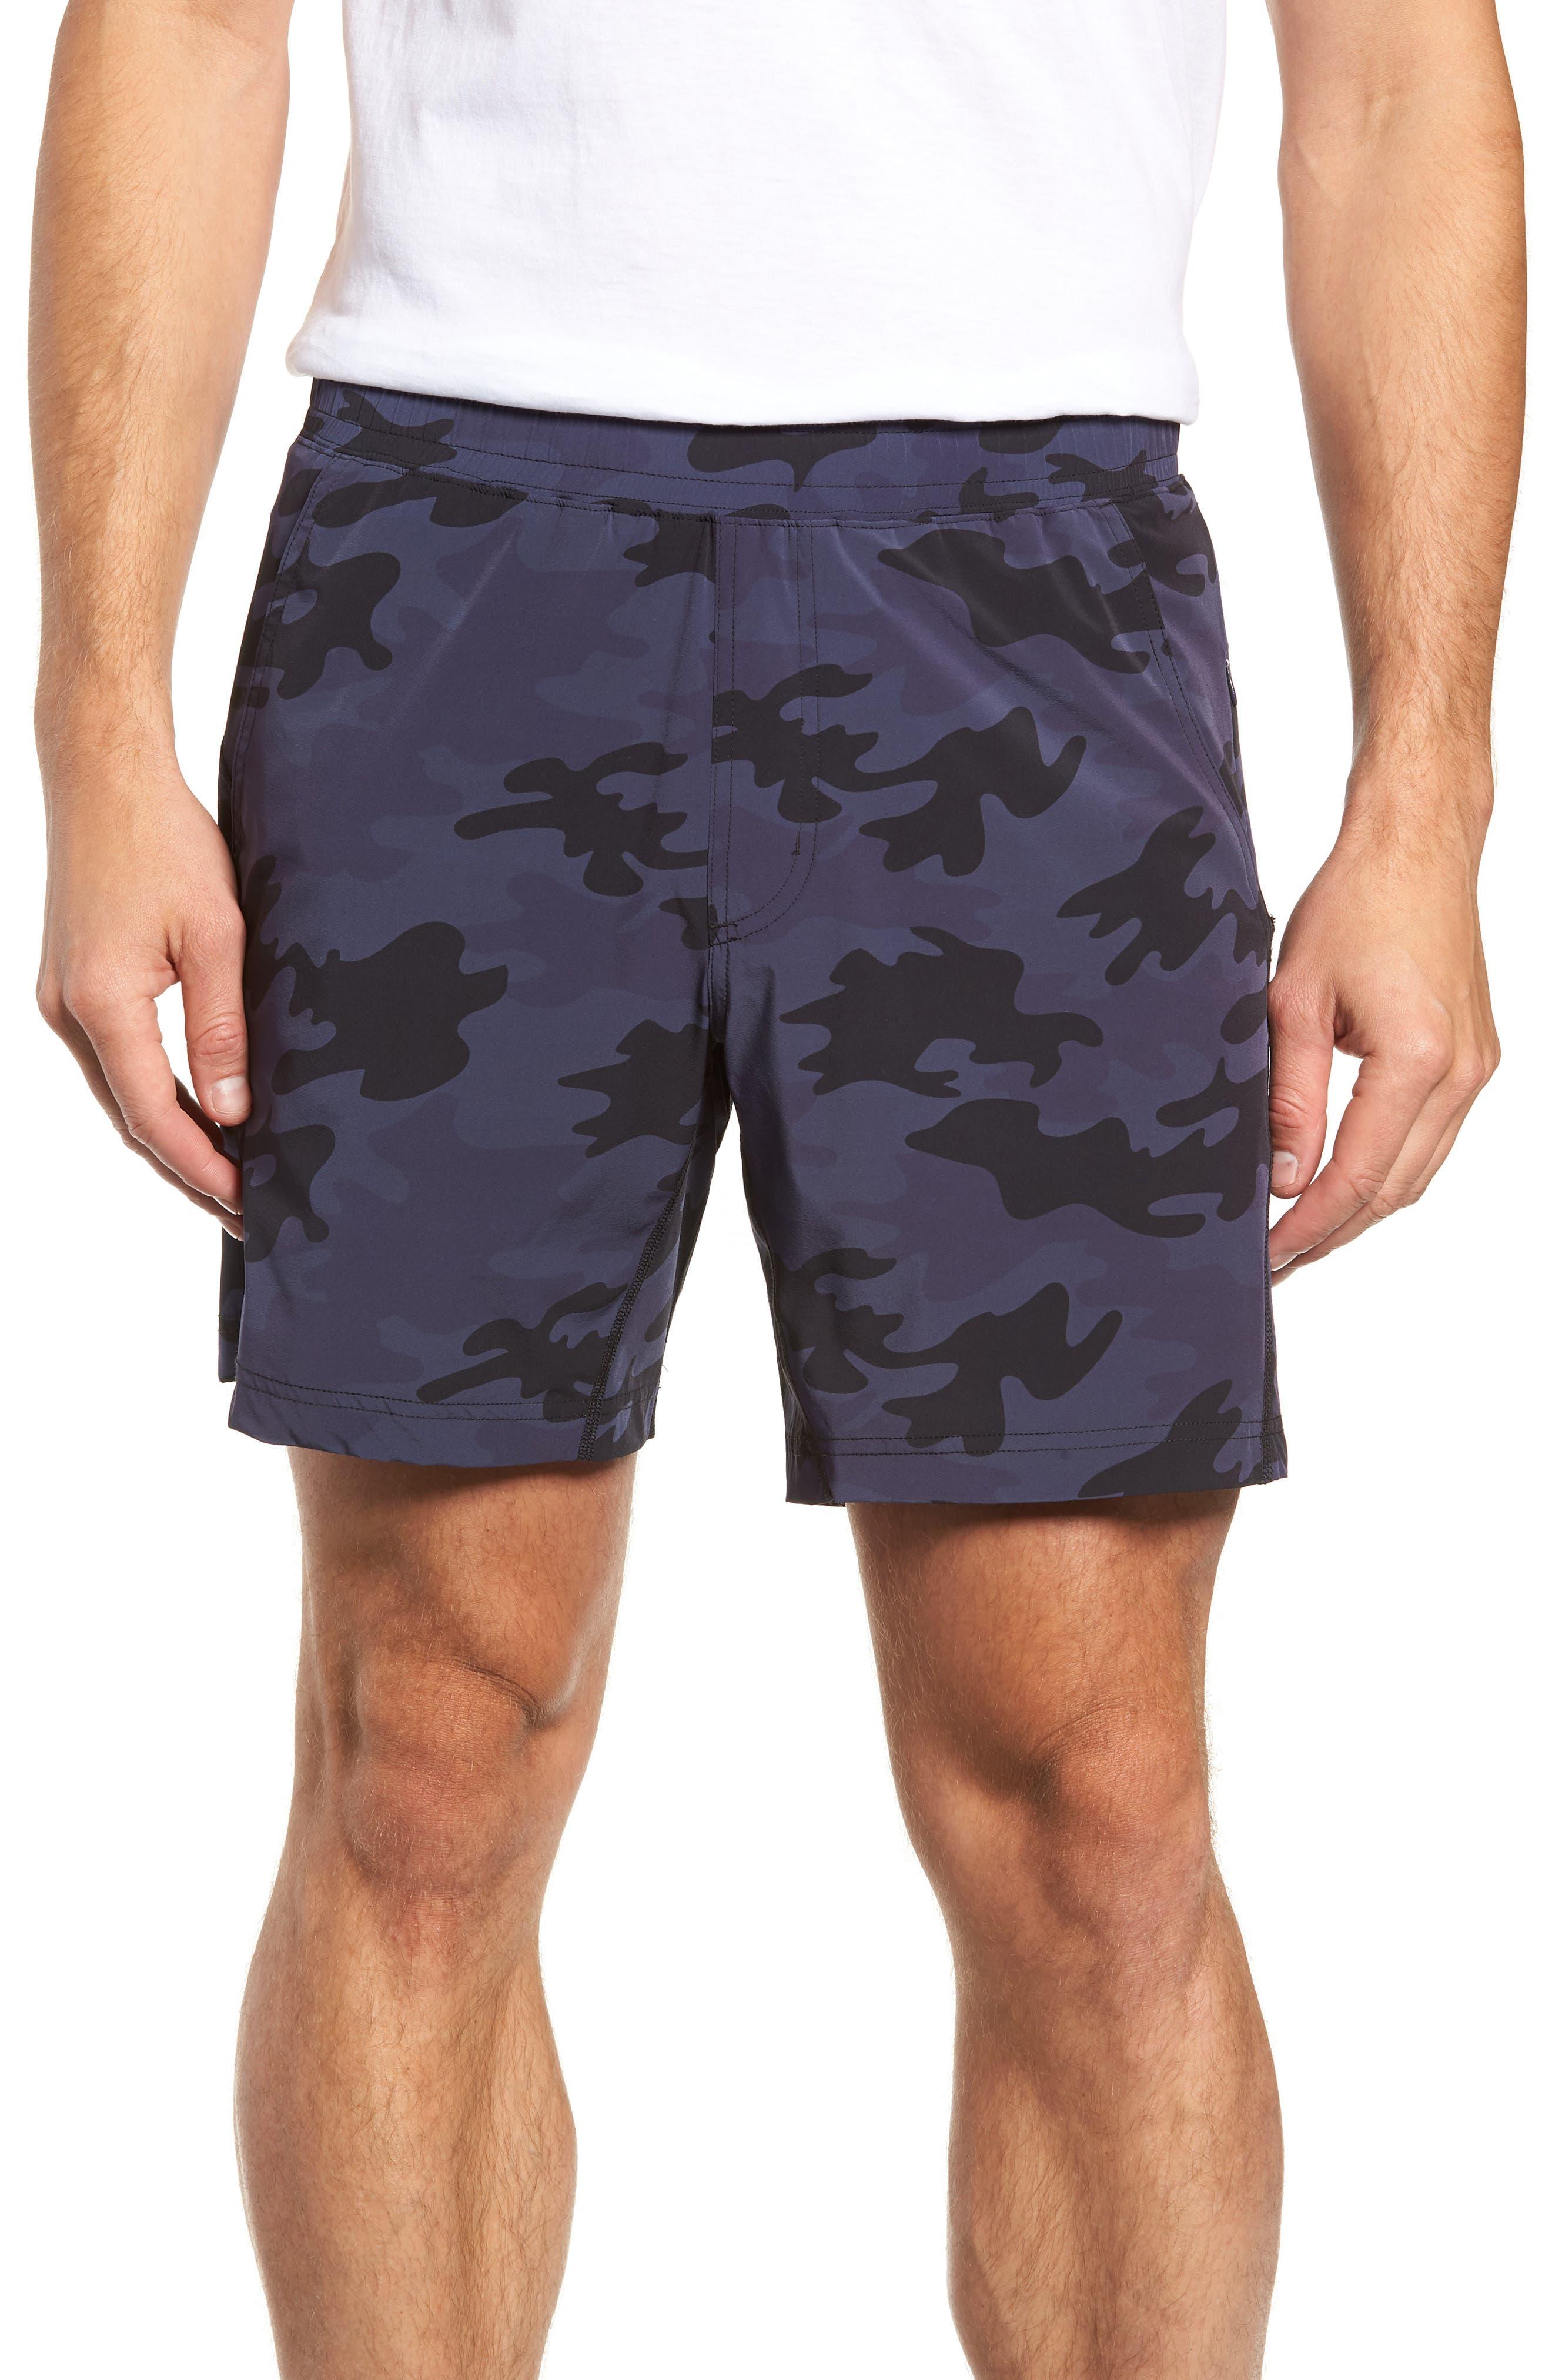 Mako Training Shorts,                             Main thumbnail 1, color,                             NAVY CAMO